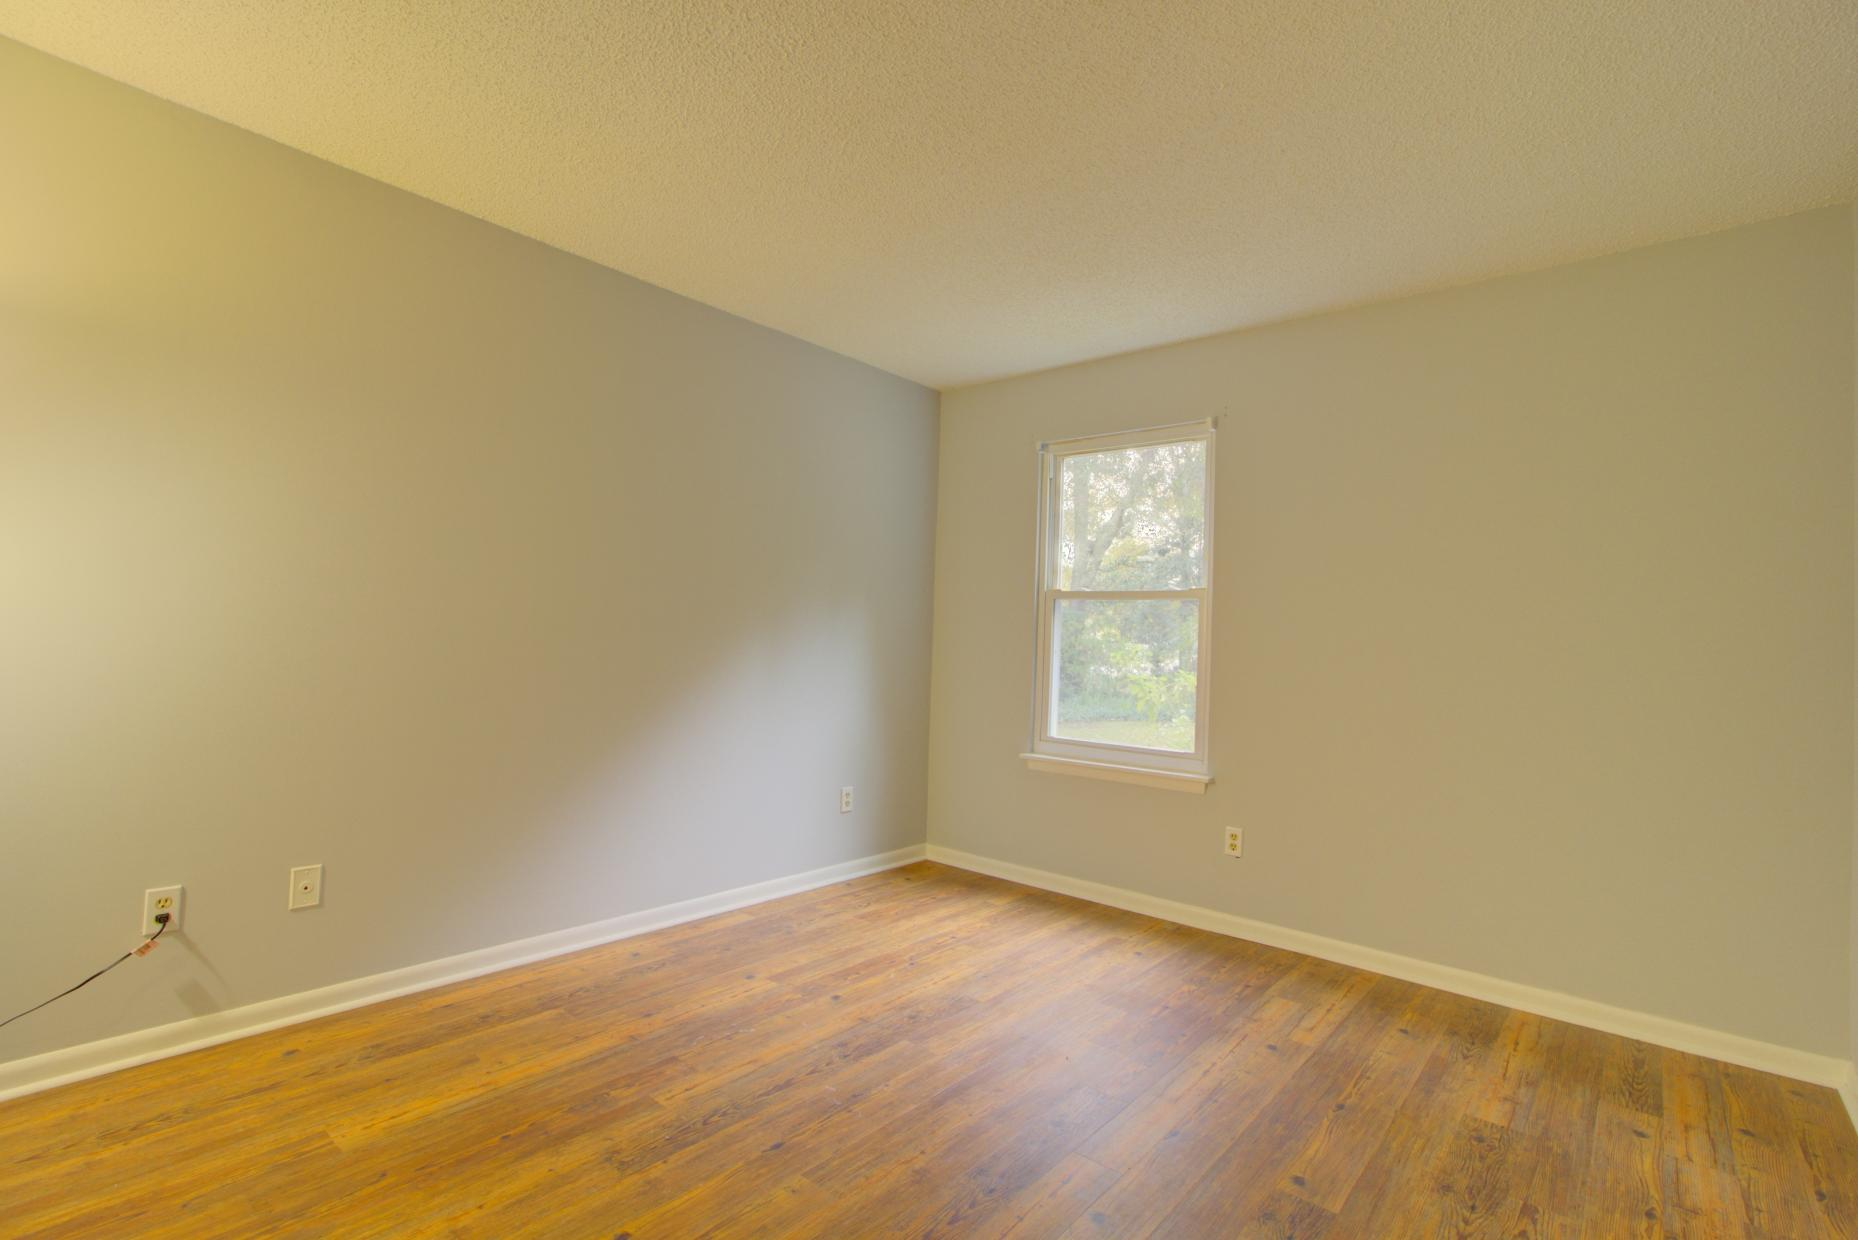 Willow Walk Homes For Sale - 1102 Oakcrest, Charleston, SC - 19